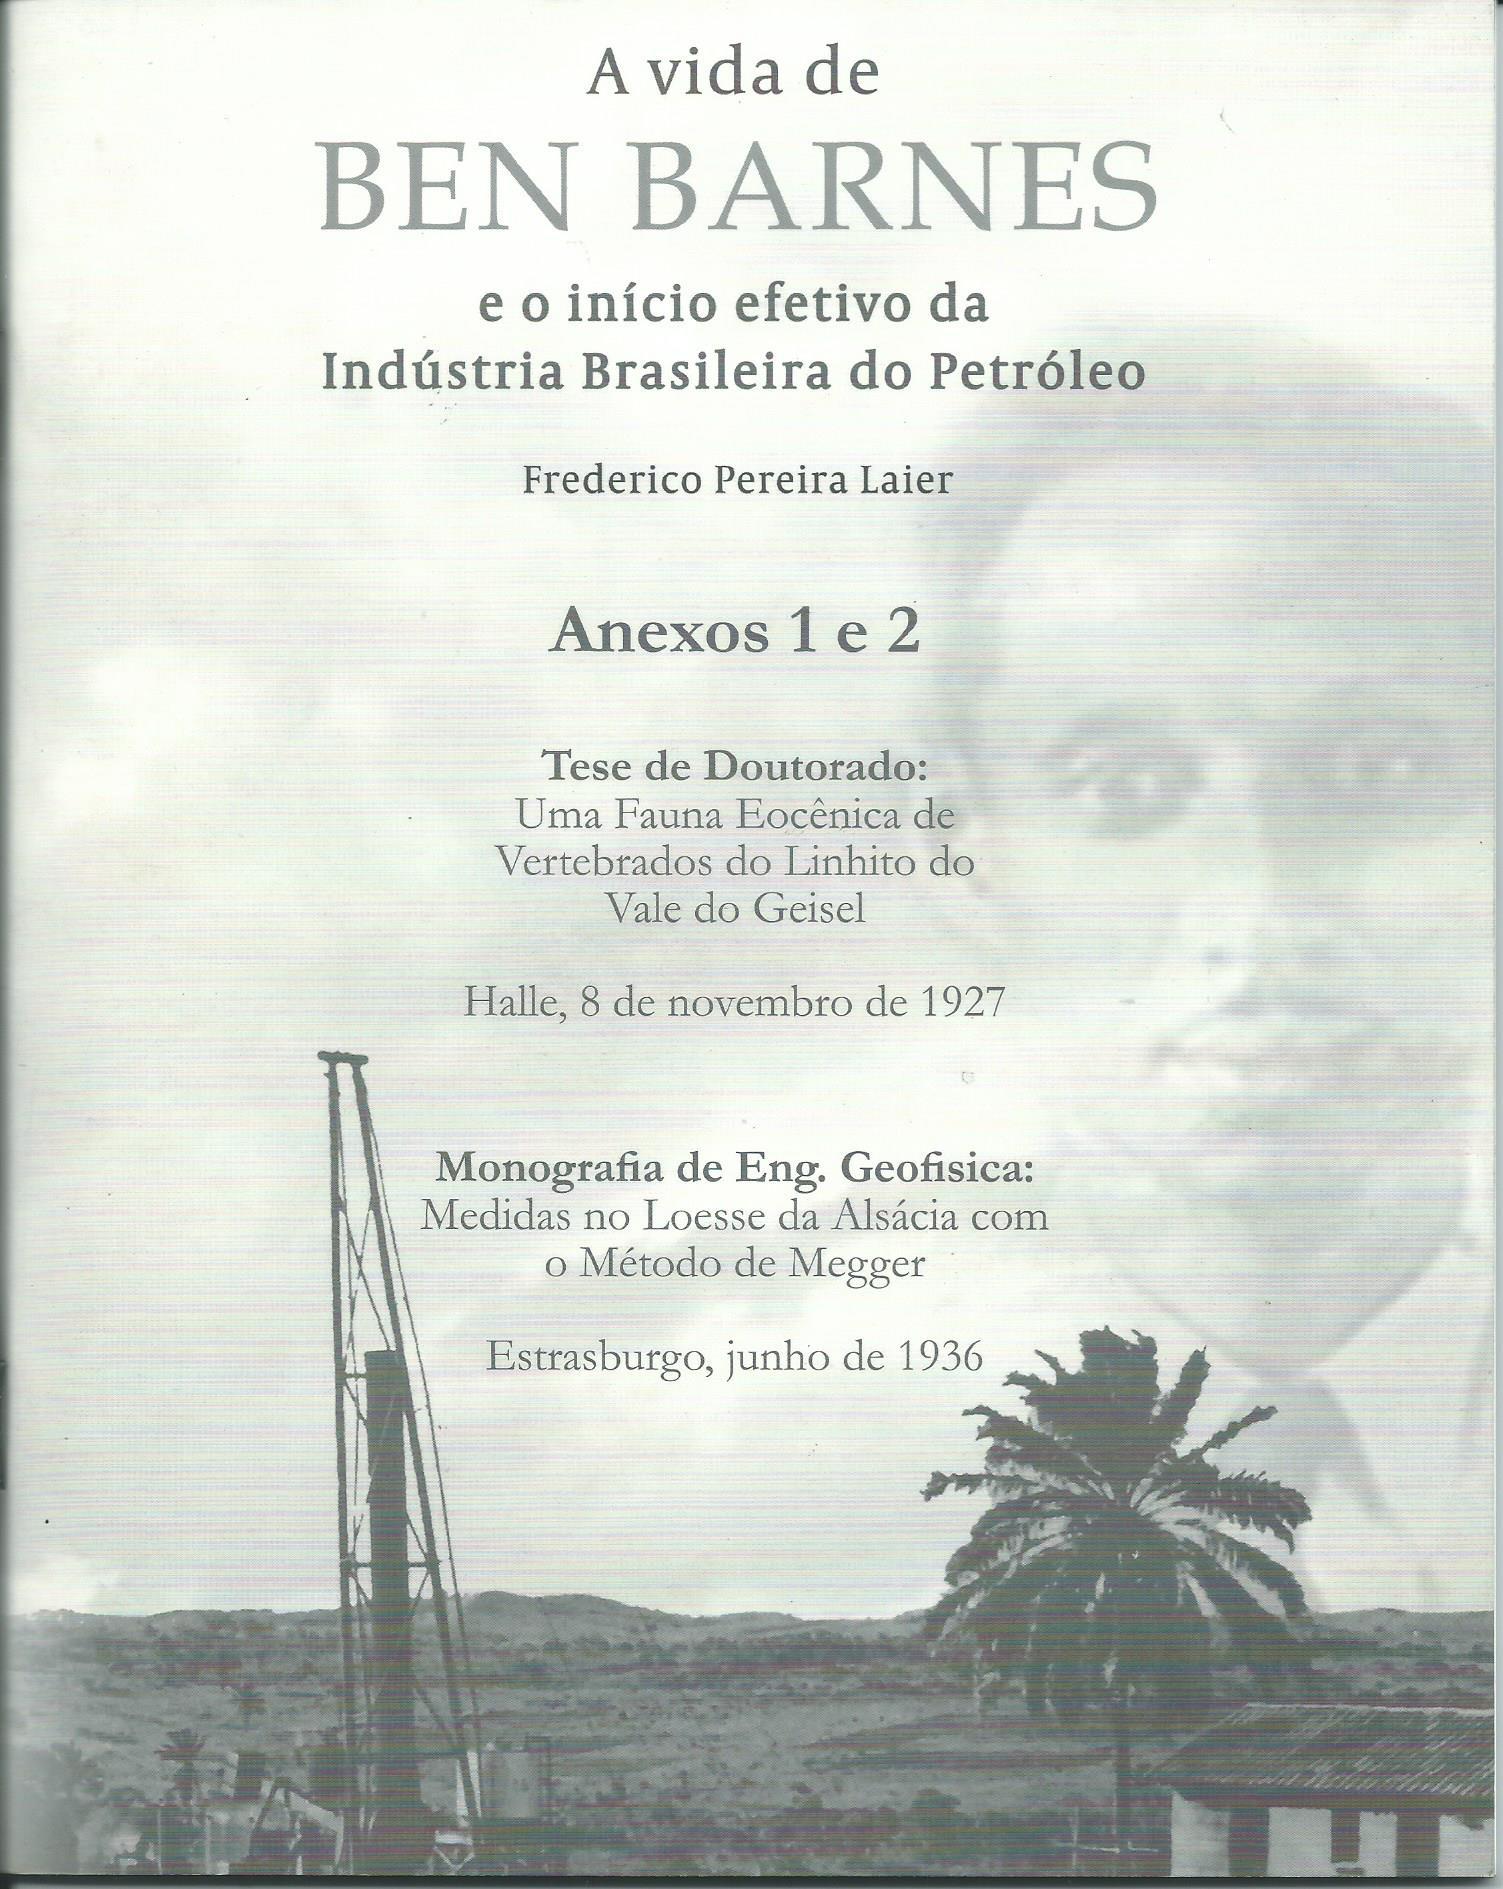 Prof. Barnes e o início da Geologia e Geofísica do Petróleo no Brasil